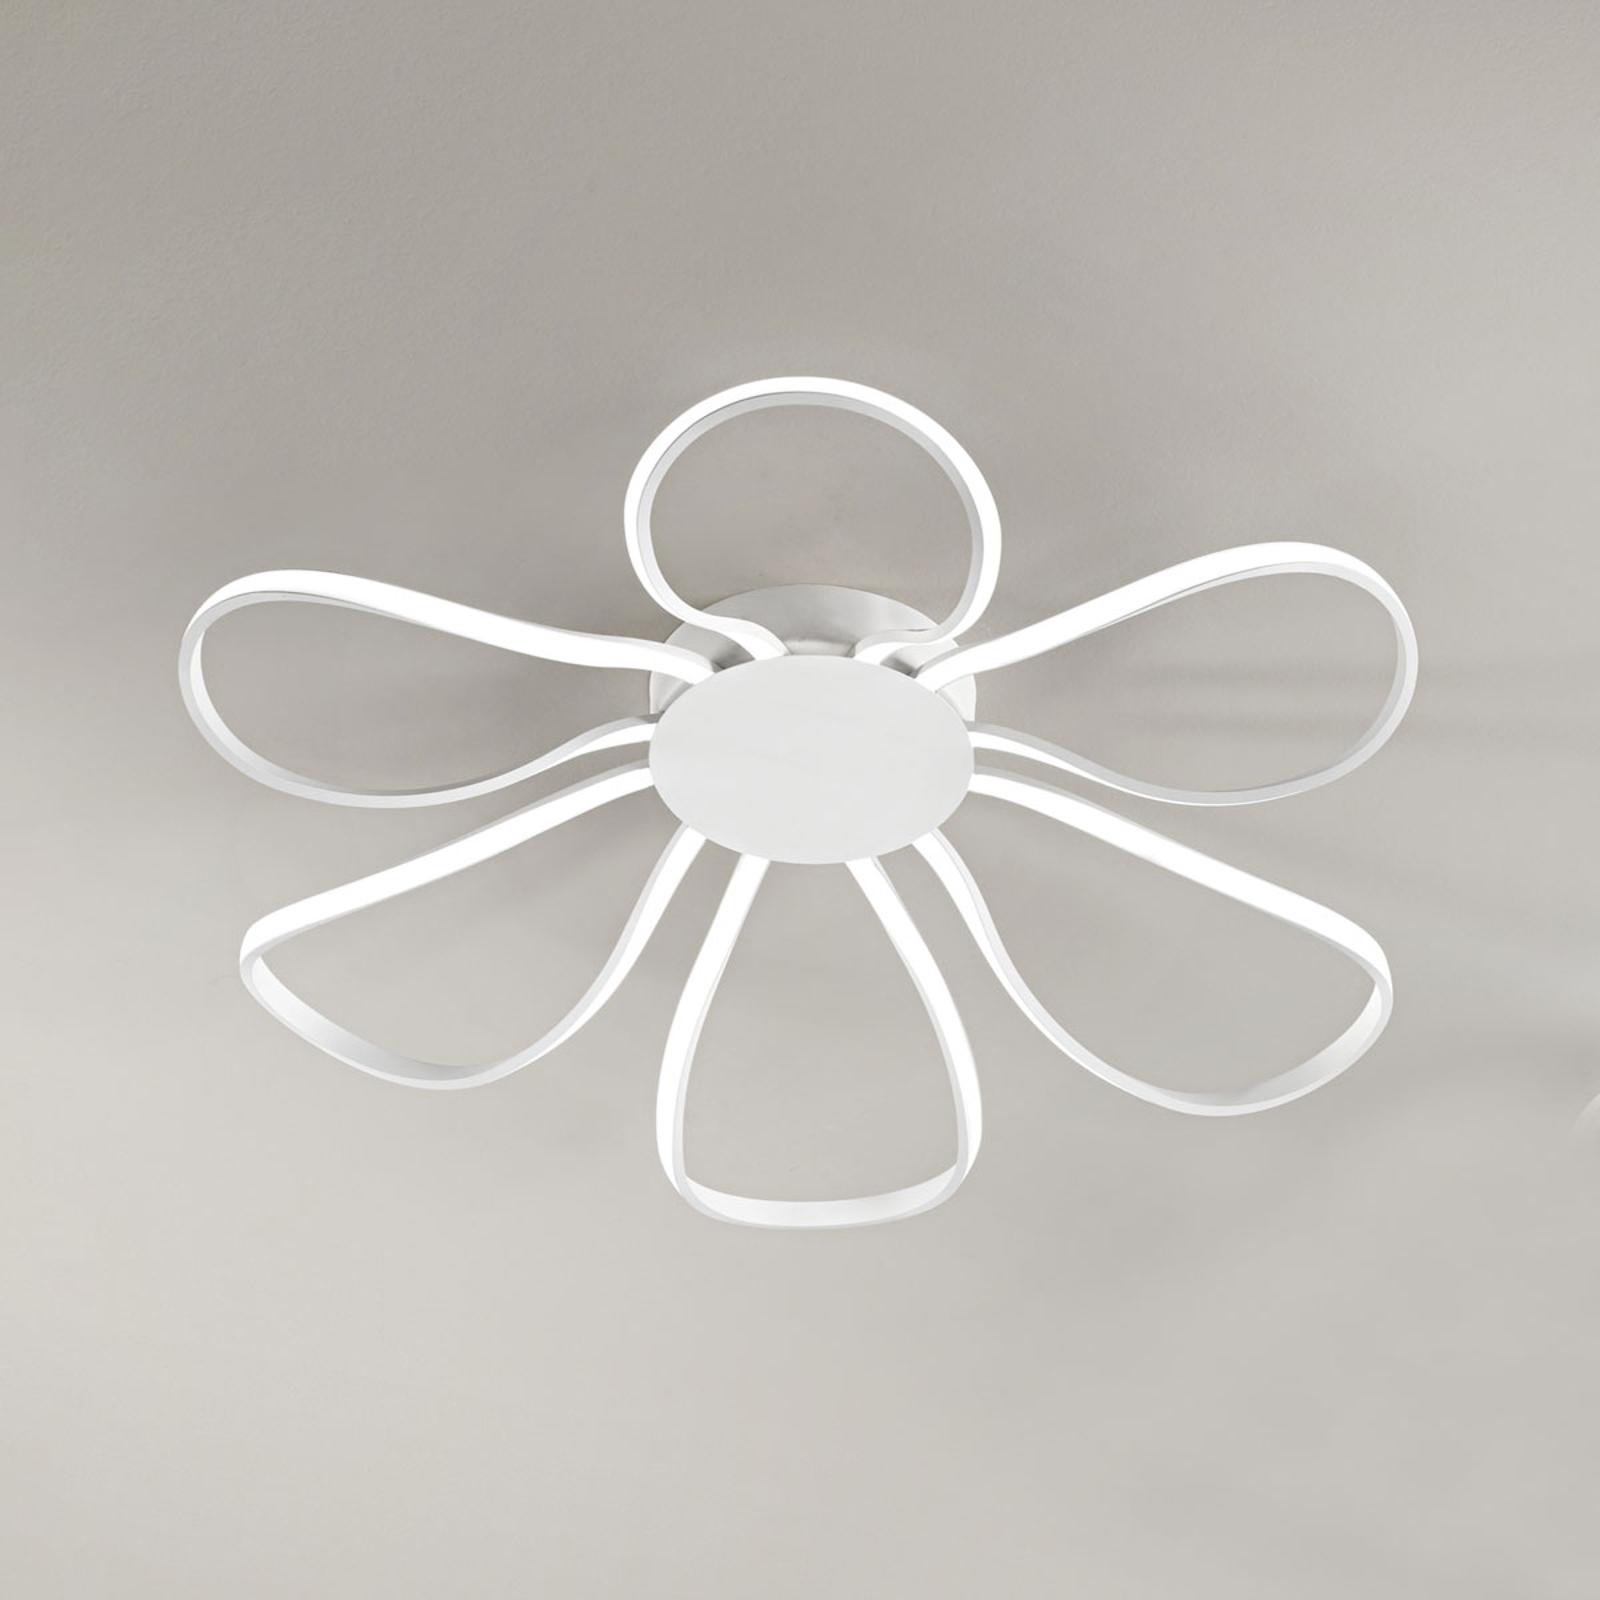 LED-Deckenleuchte Blossom, Ø 81 cm